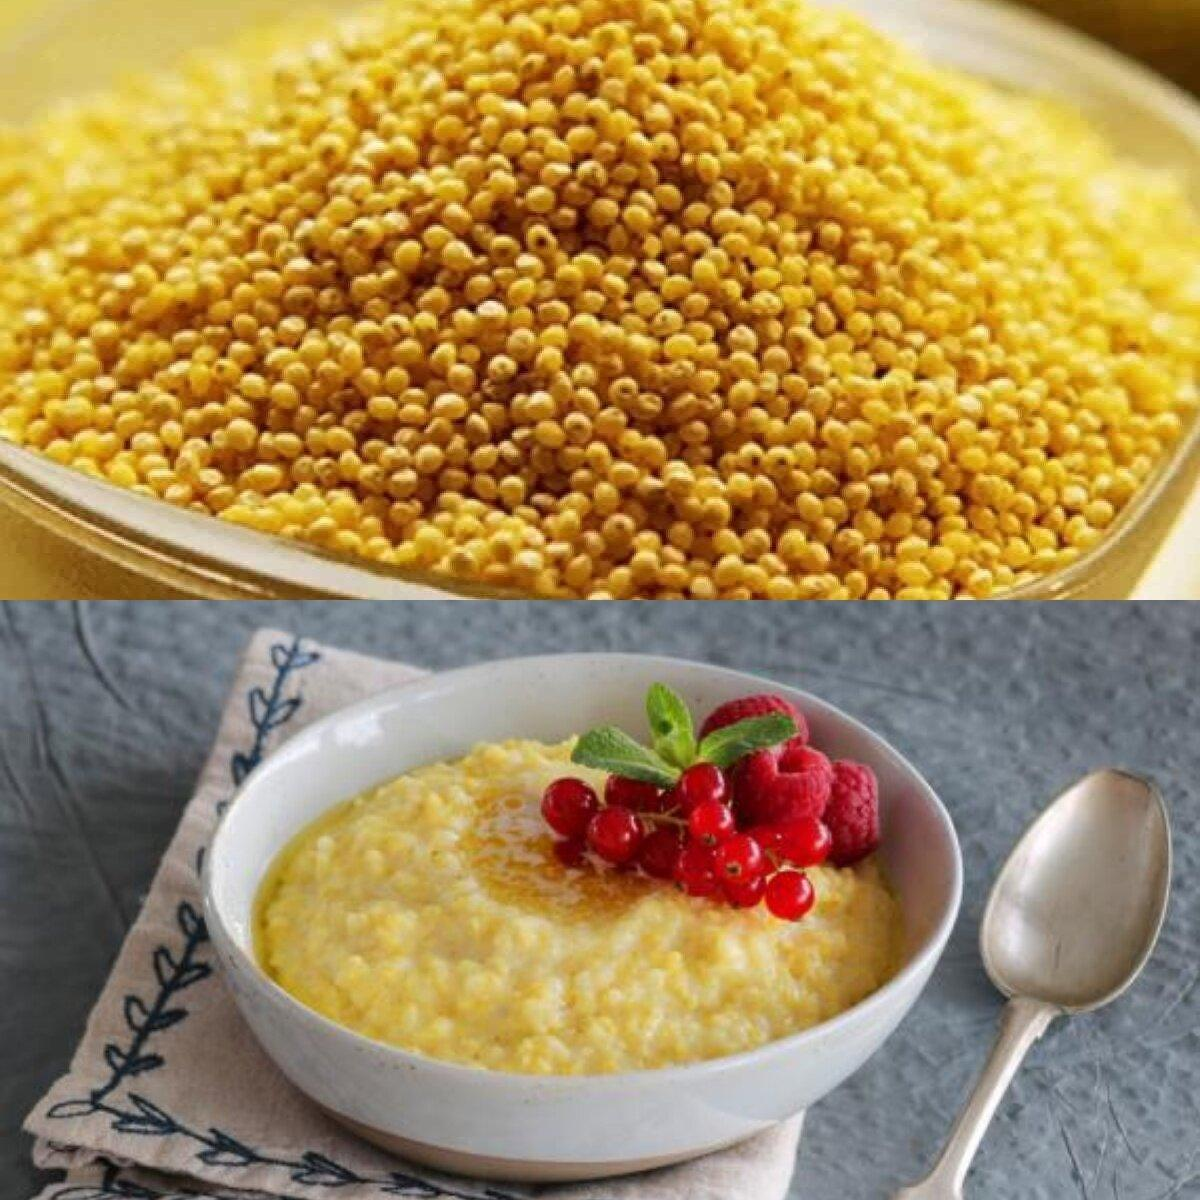 Пшенная диета для похудения и блюда из пшенки: рецепты с фото